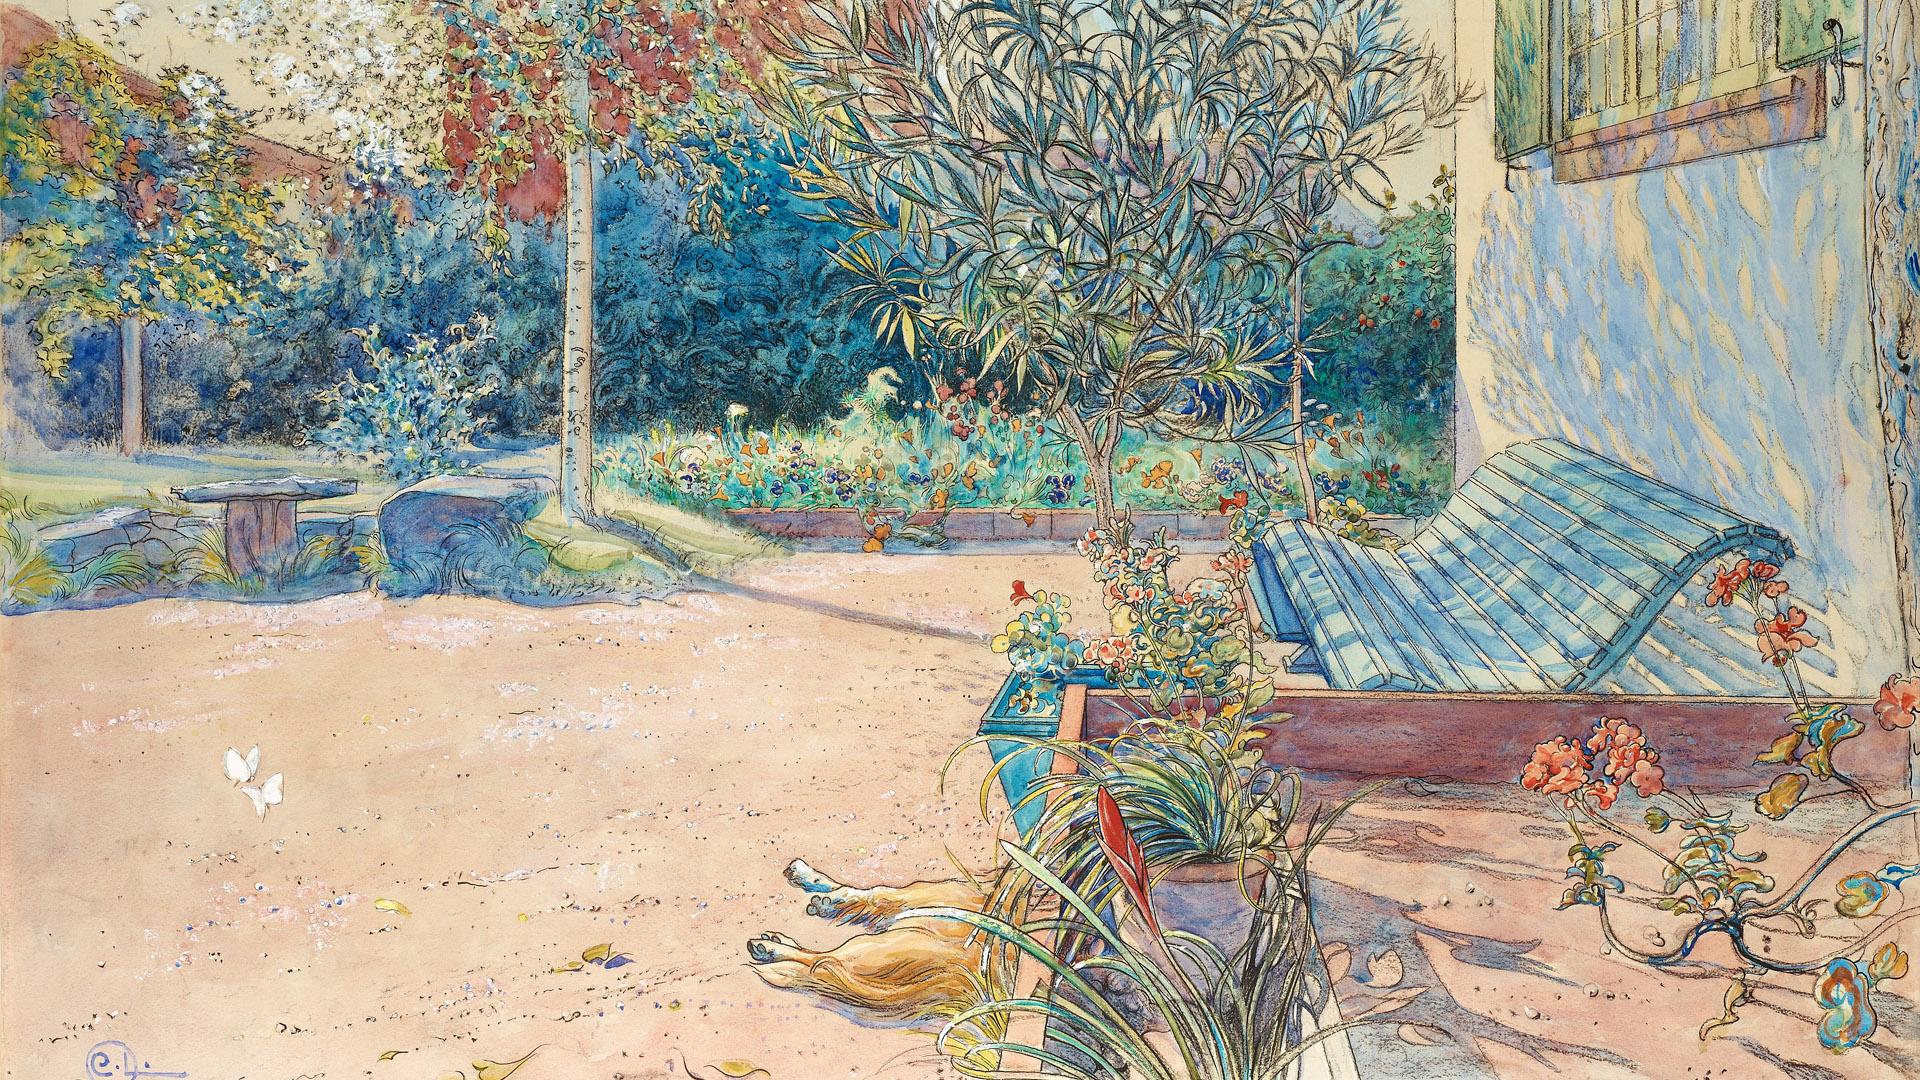 カール・ラーション Carl Larsson - My backyard 1920x1080